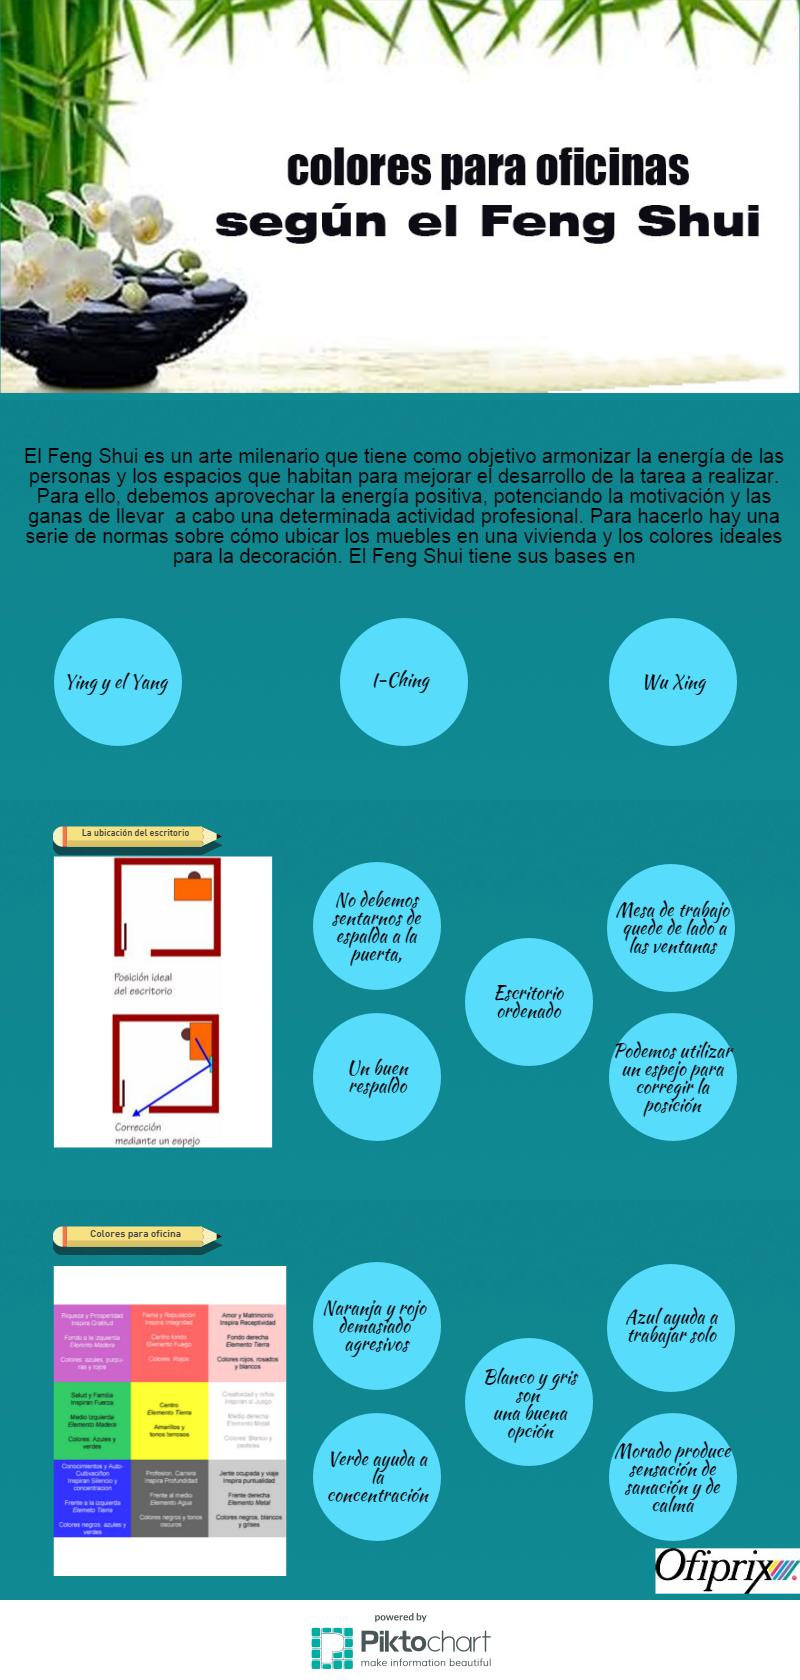 Colores para oficinas según Feng Shui - Infografia Ofiprix